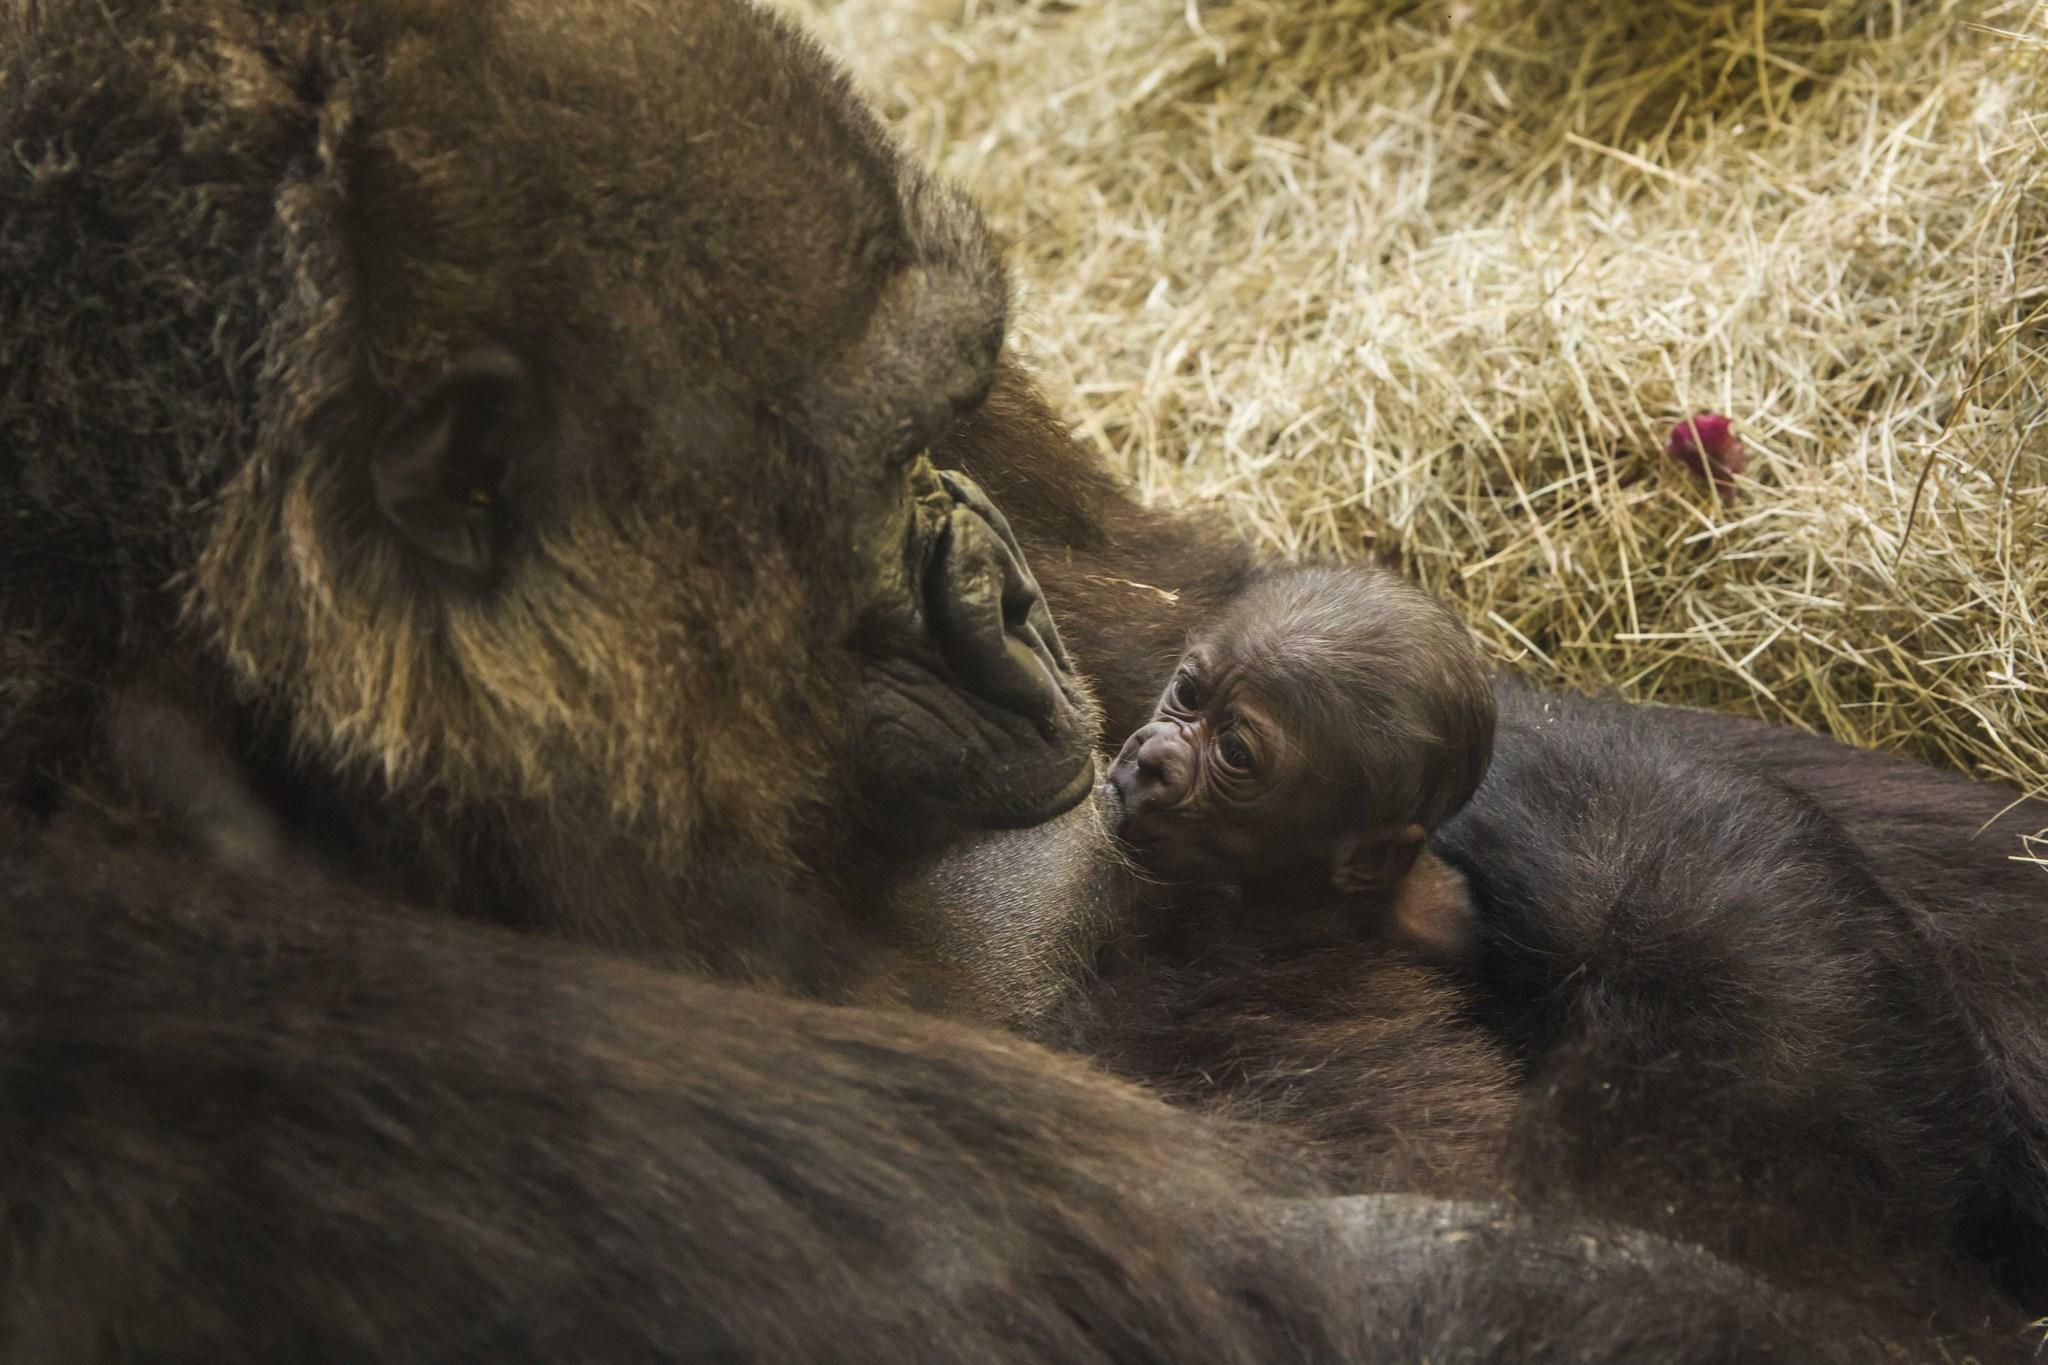 Busch Gardens: Park welcomes third baby gorilla - Orlando Sentinel